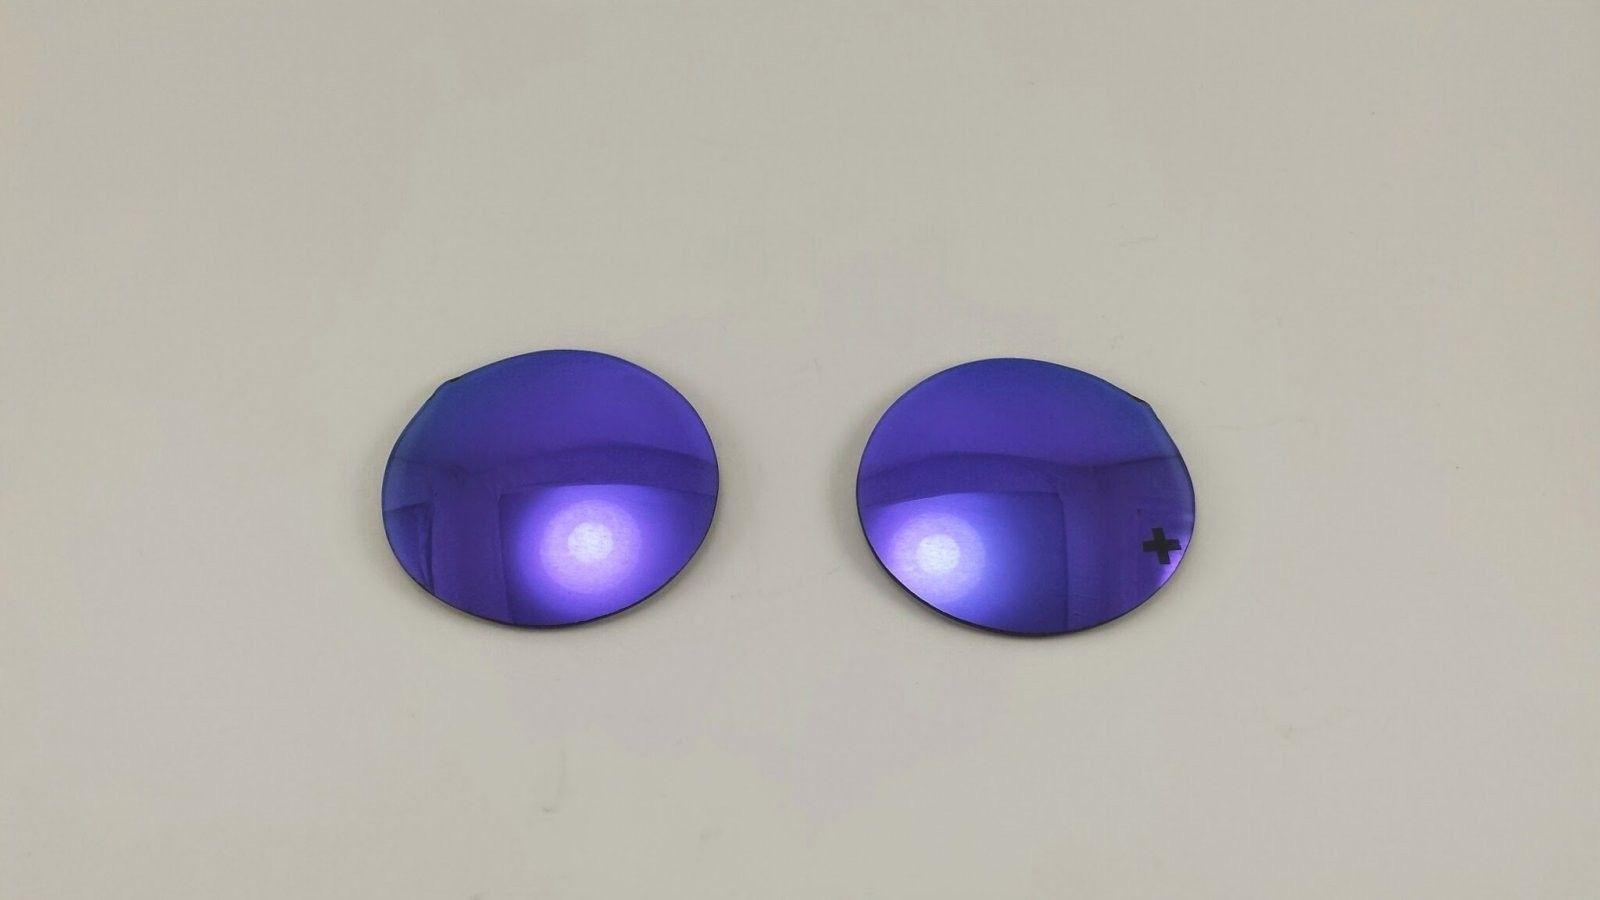 Mars Violet Non-polar Lenses - 20140622_102434.jpg